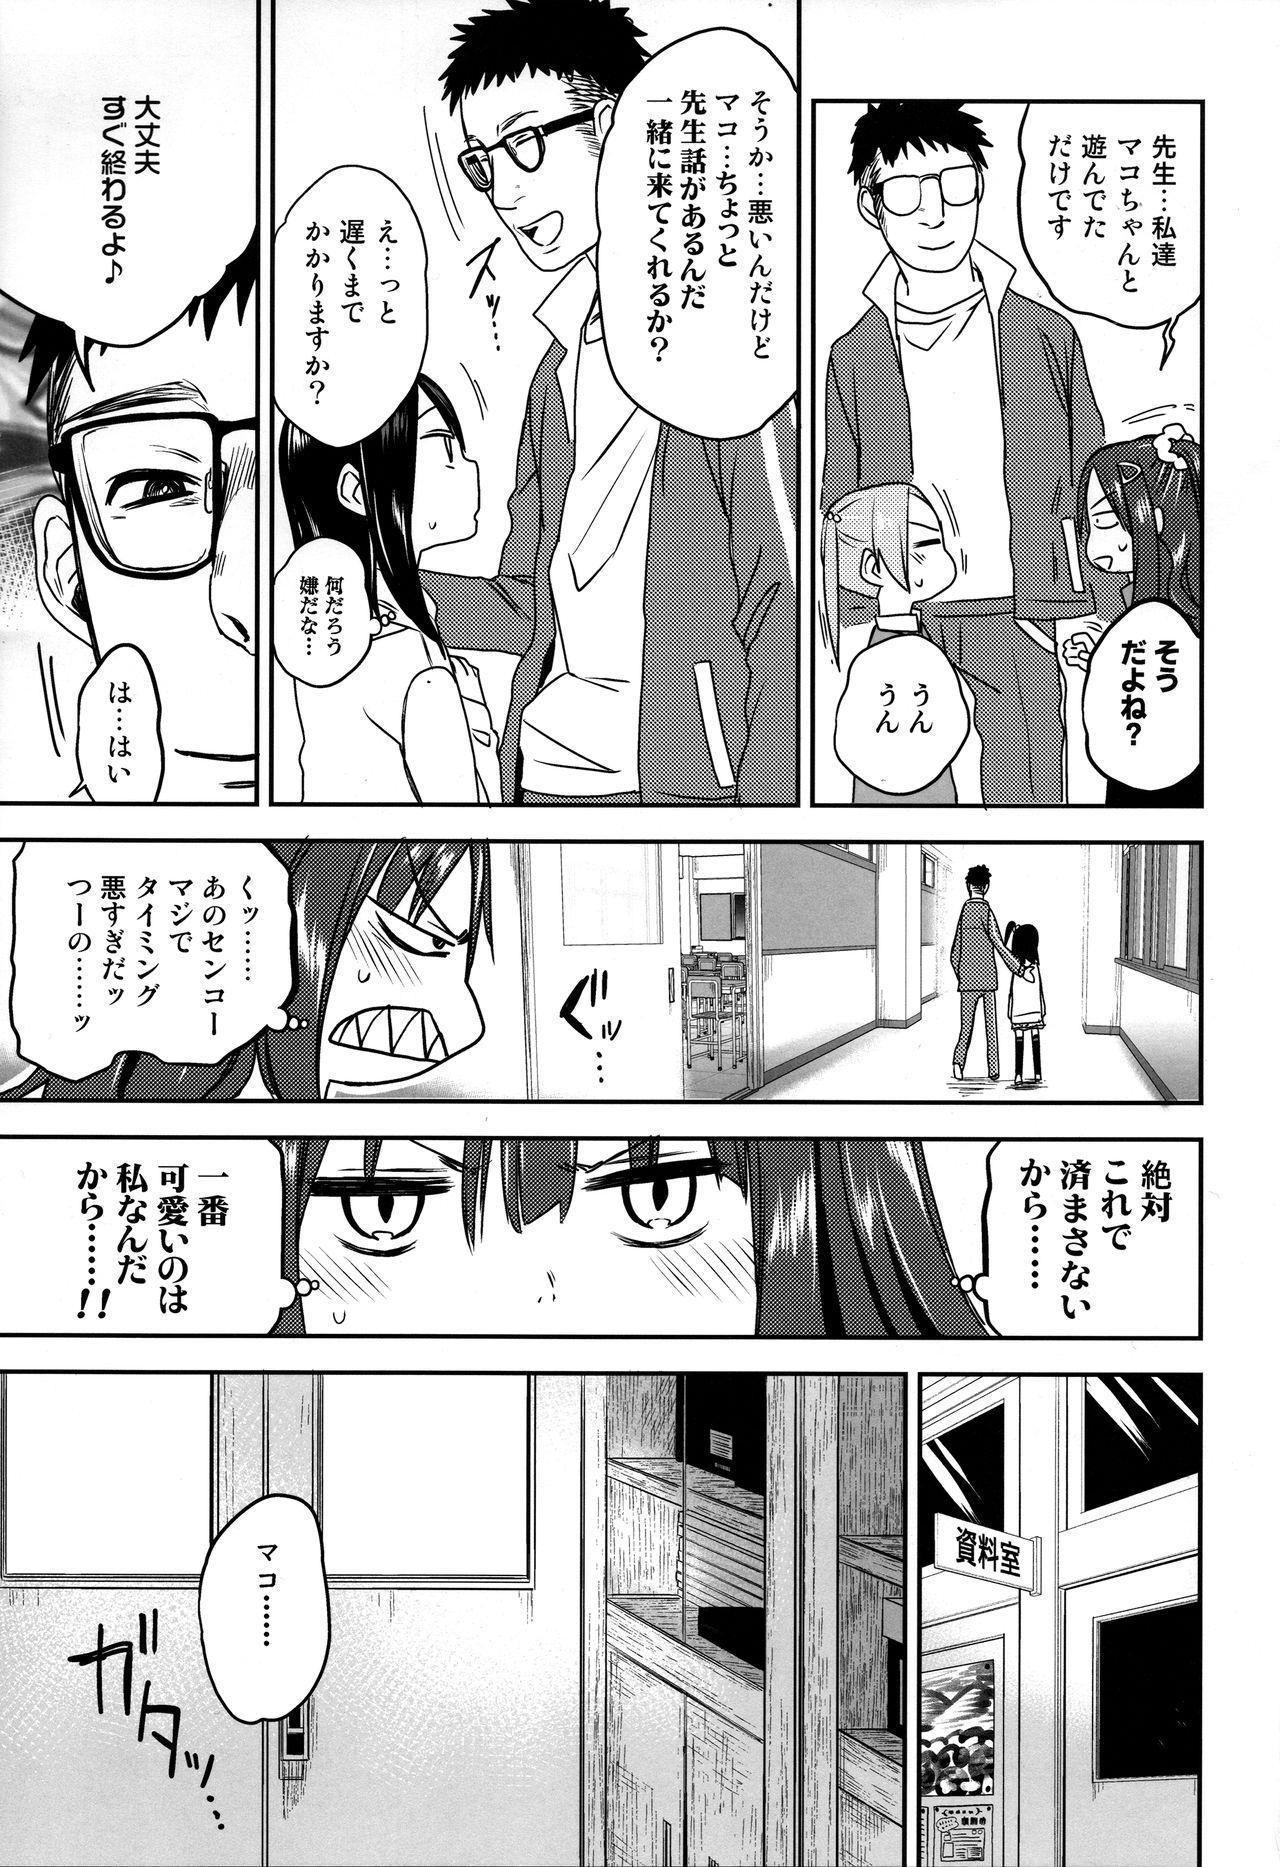 Tonari no Mako-chan Season 2 Vol. 1 18